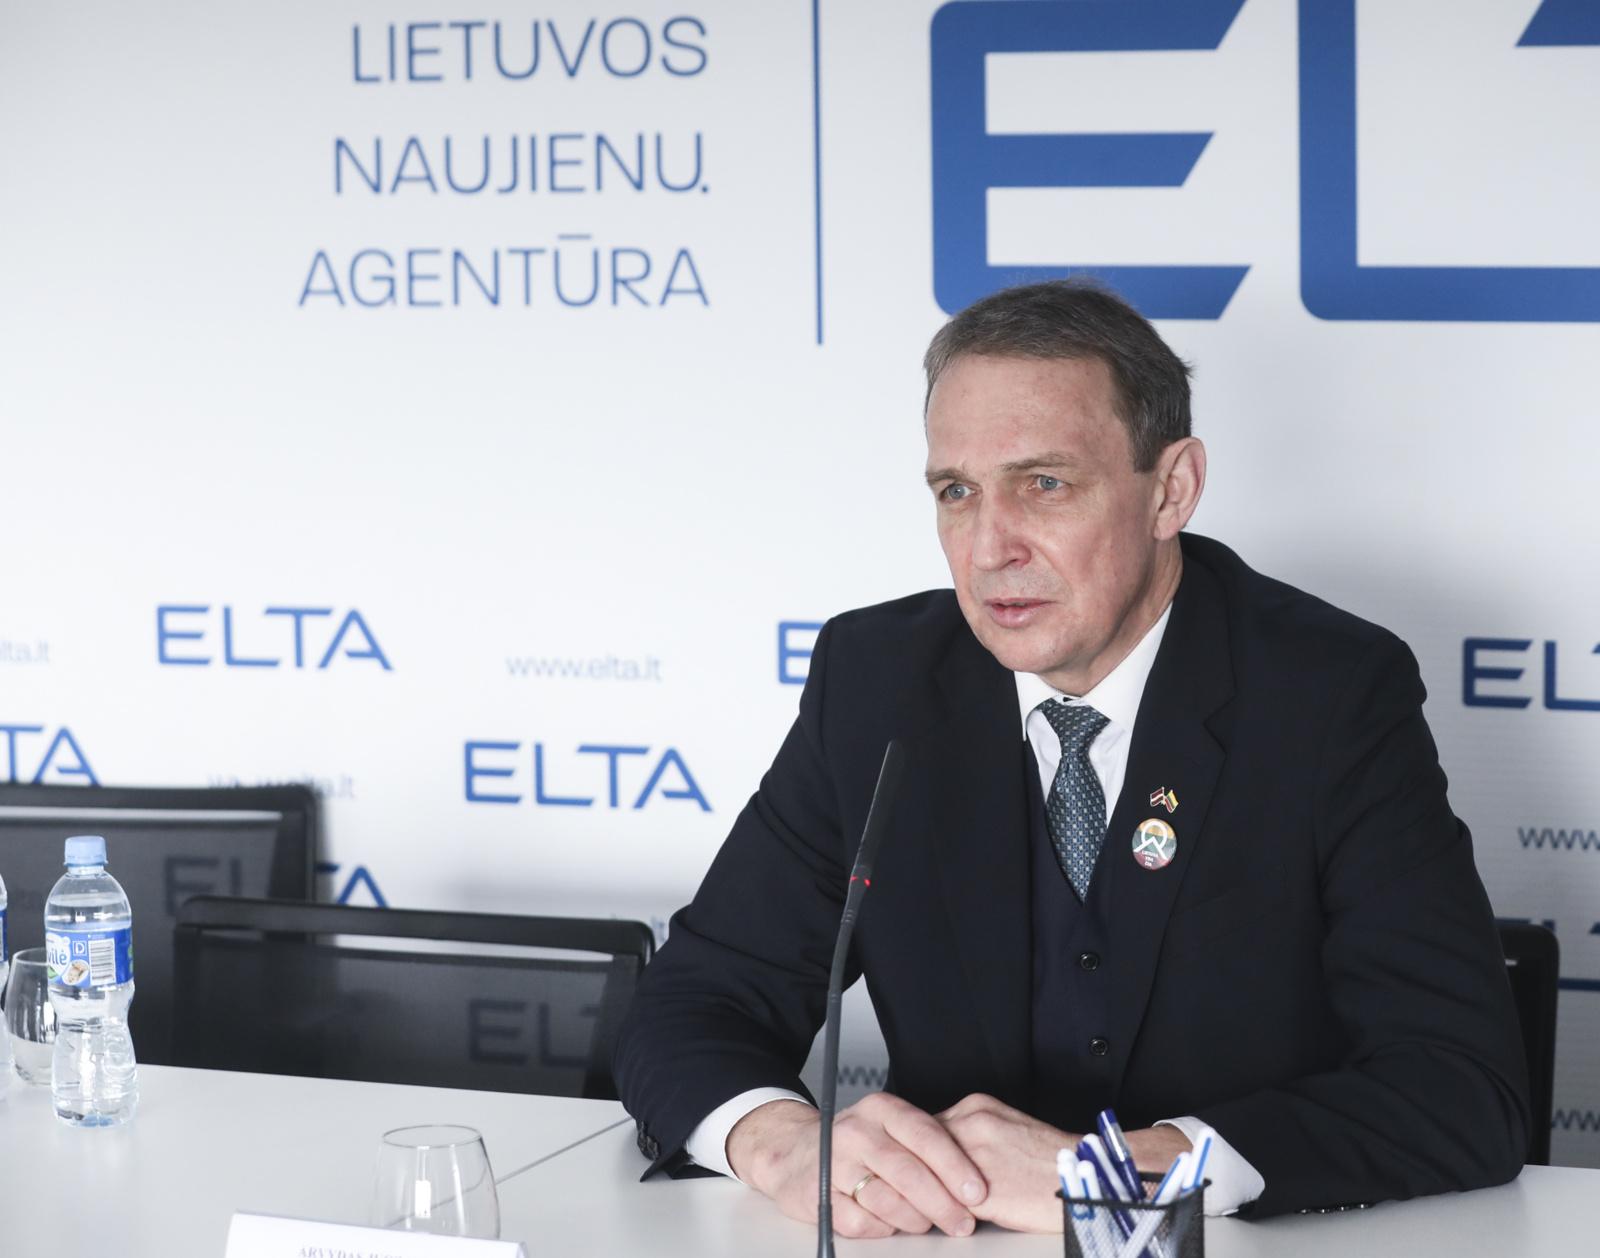 A. Juozaičio komitetas traukiasi iš Europos Parlamento rinkimų